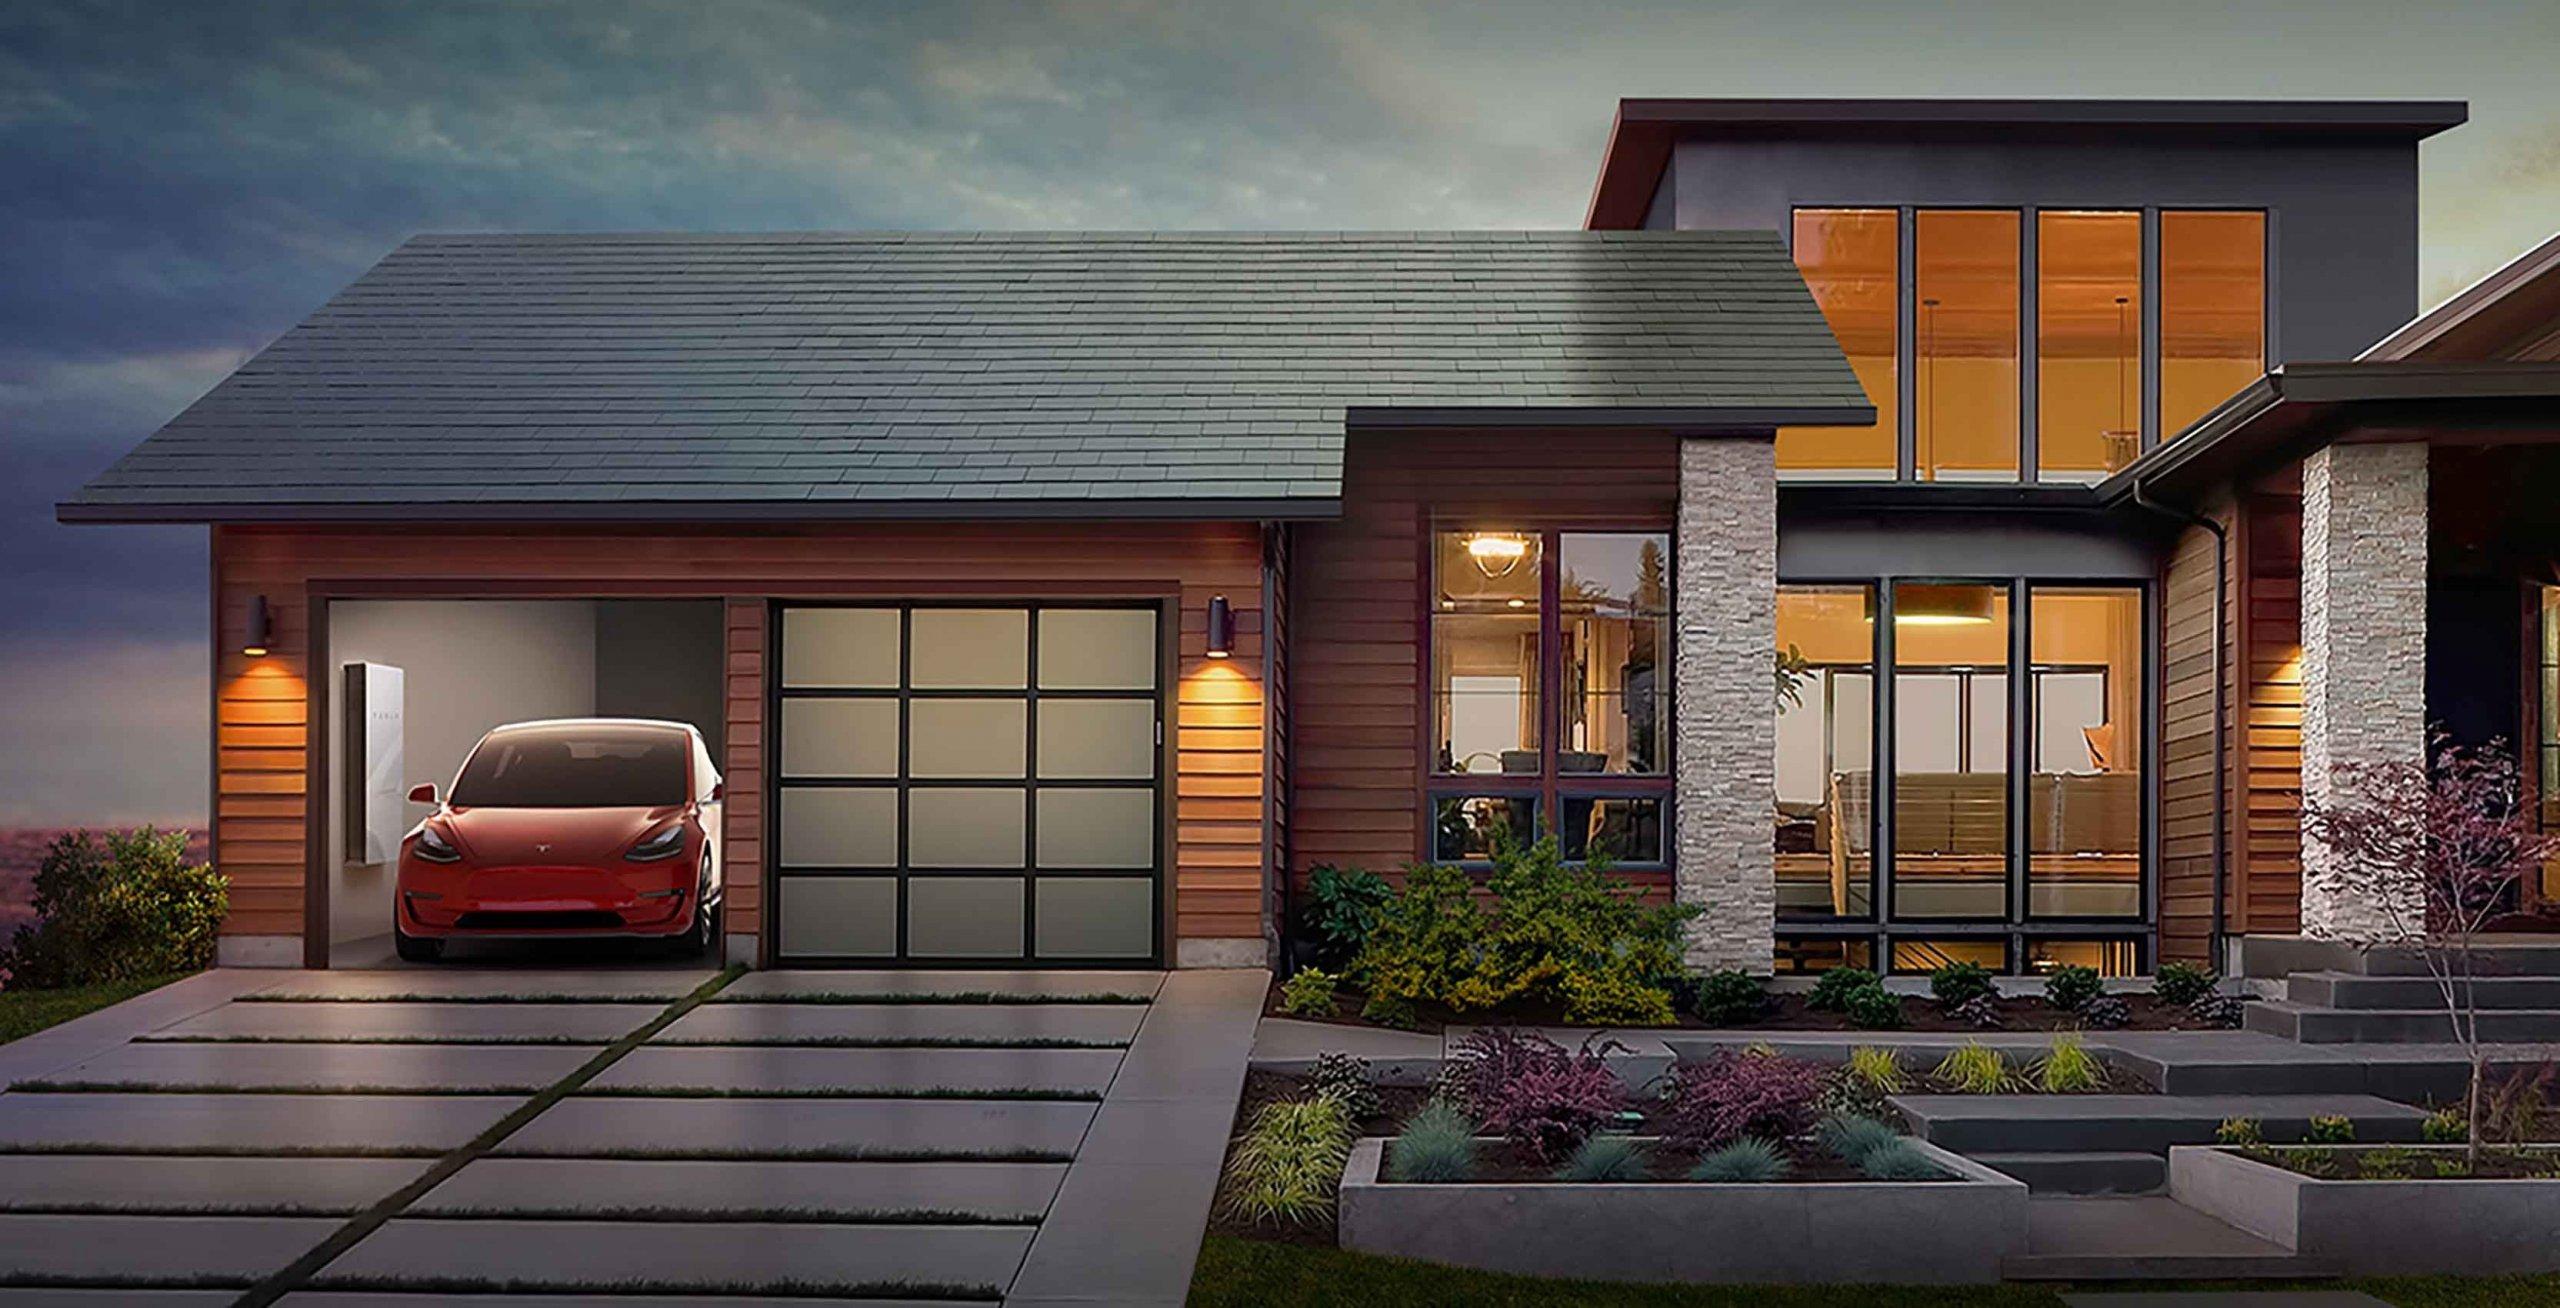 Že to zní jako nesmysl? Rozhodně ne pro tvůrčí tým Kalifornské společnosti Tesla Motors, díky kterému přišla na trh revoluční novinka, která stojí za pozornost.